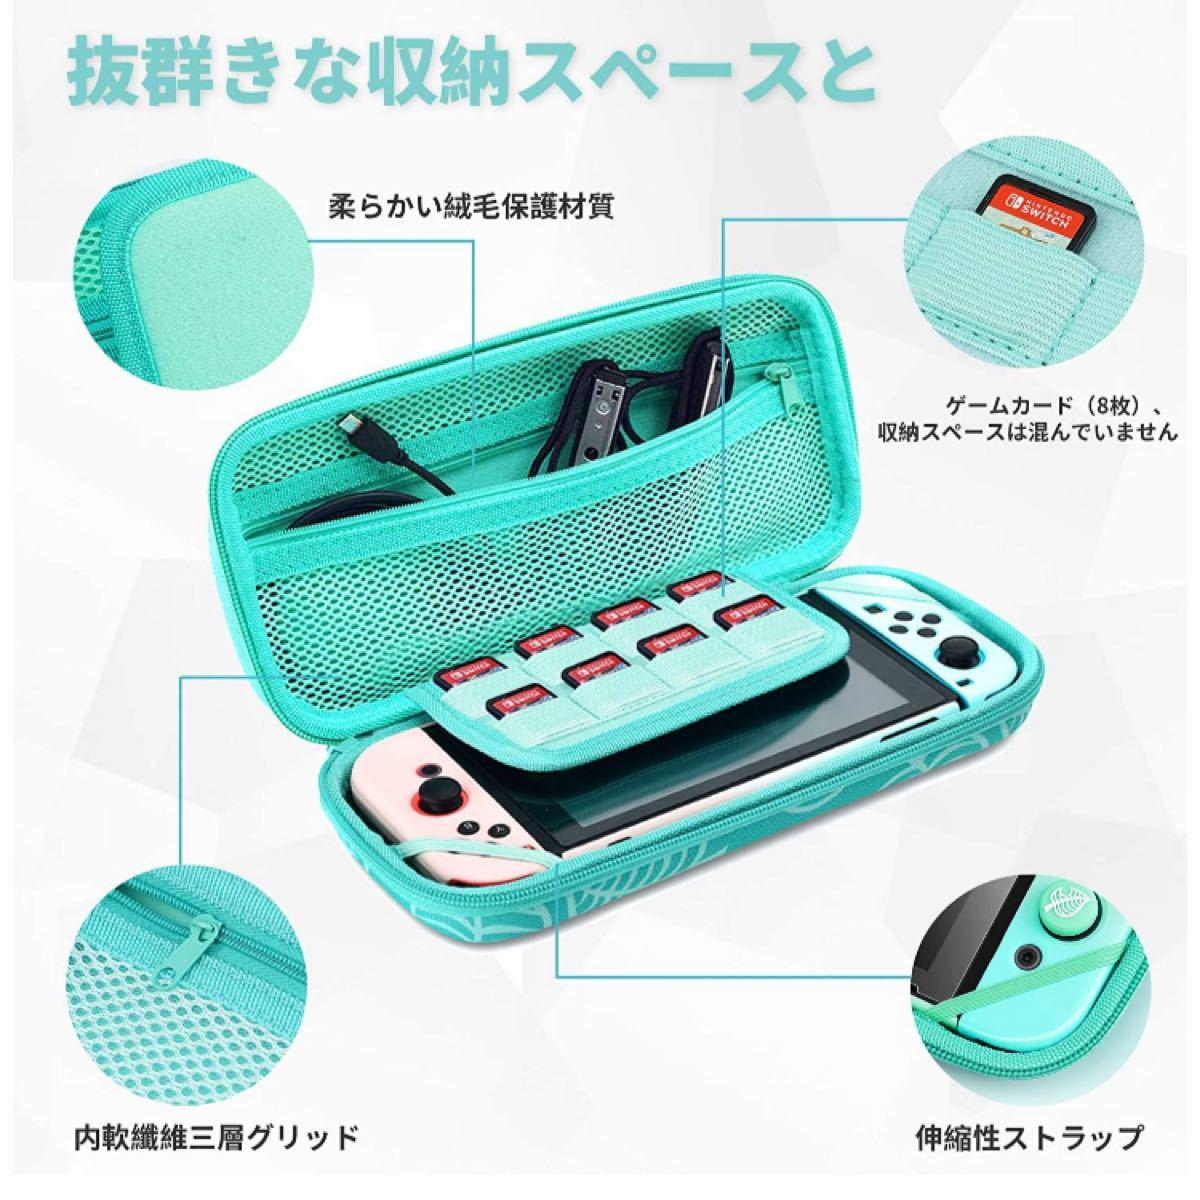 Nintendo Switch 対応  どうぶつの森 ケース カバー